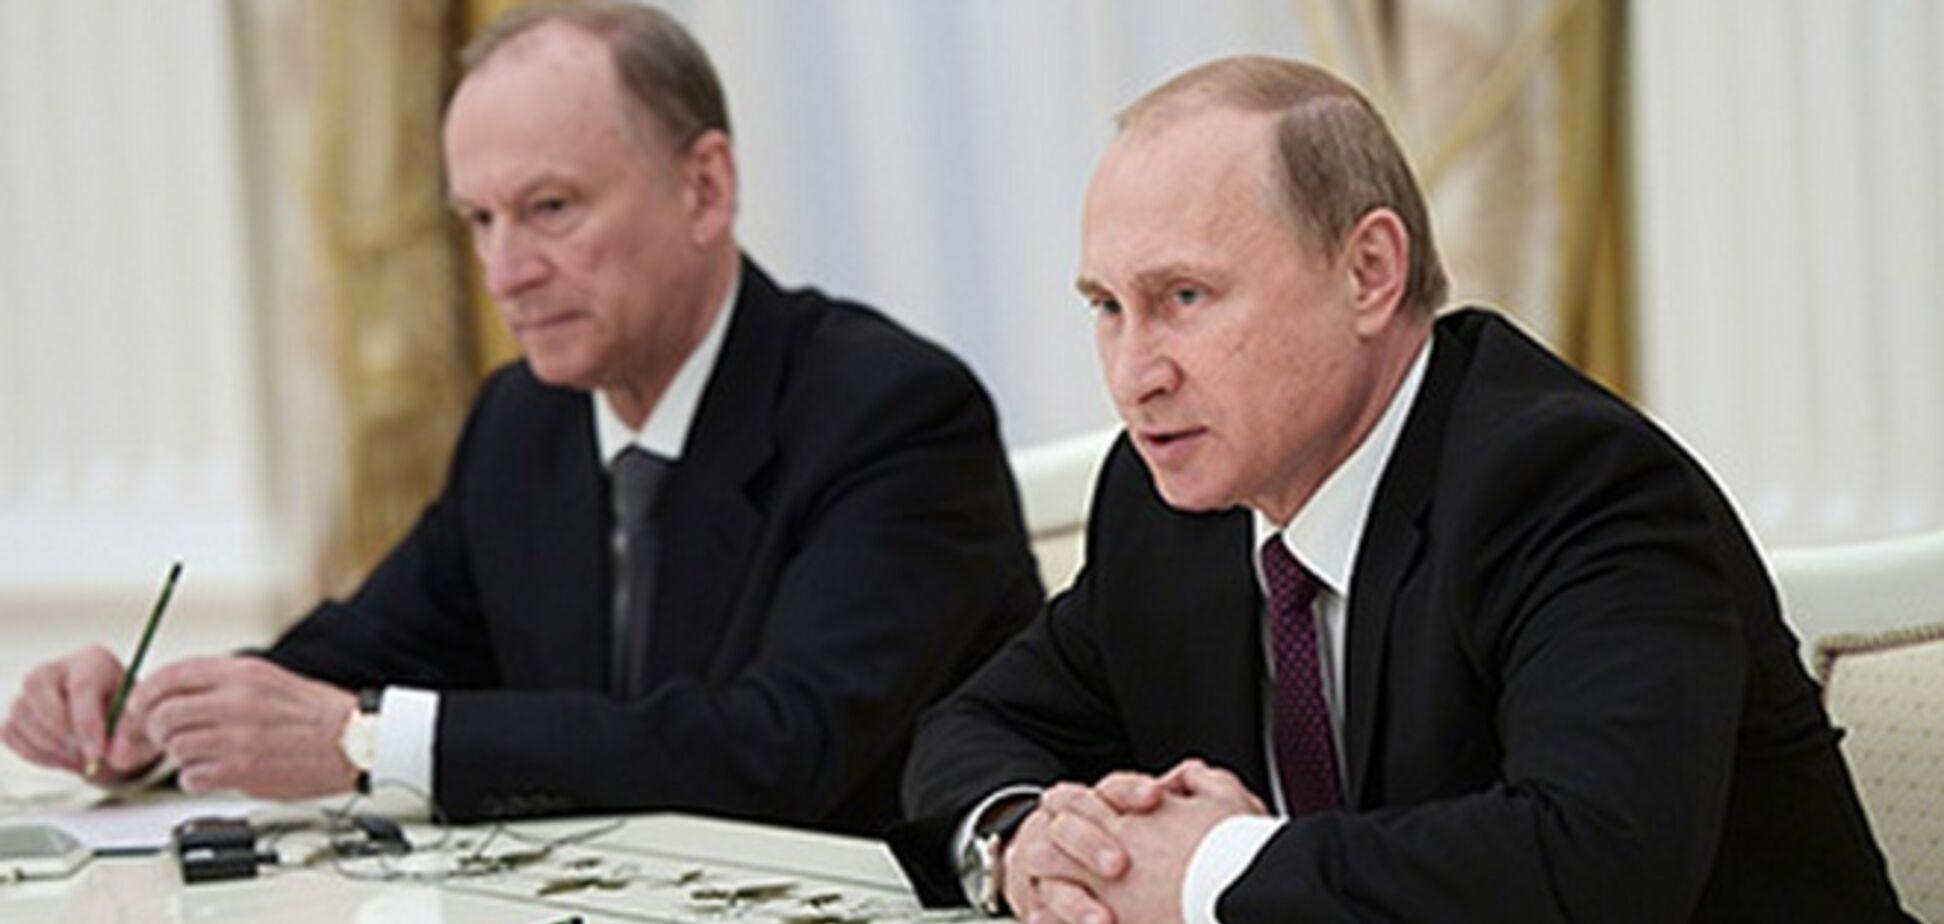 Микола Патрушев і Володимир Путін